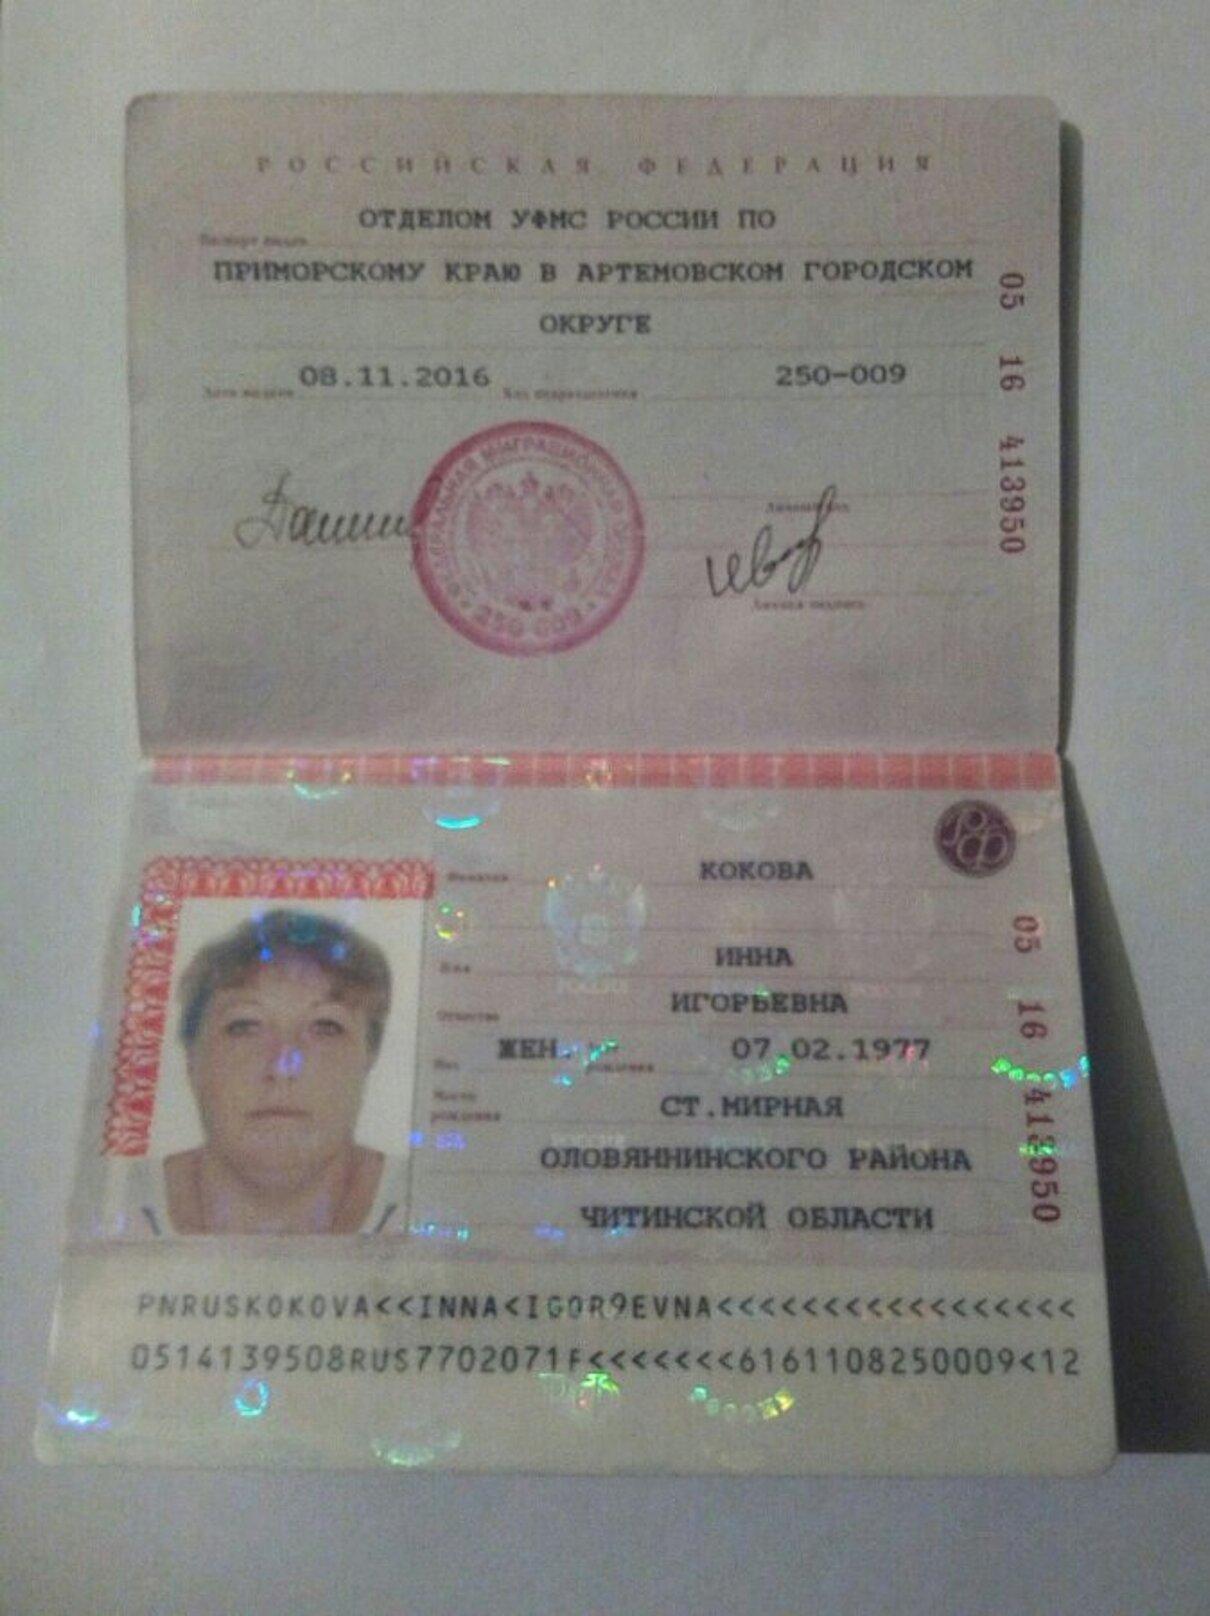 Жалоба-отзыв: Partsofjapan2008@gmail.com - Во Владивастоке появились еще одни мошенники.  Фото №2